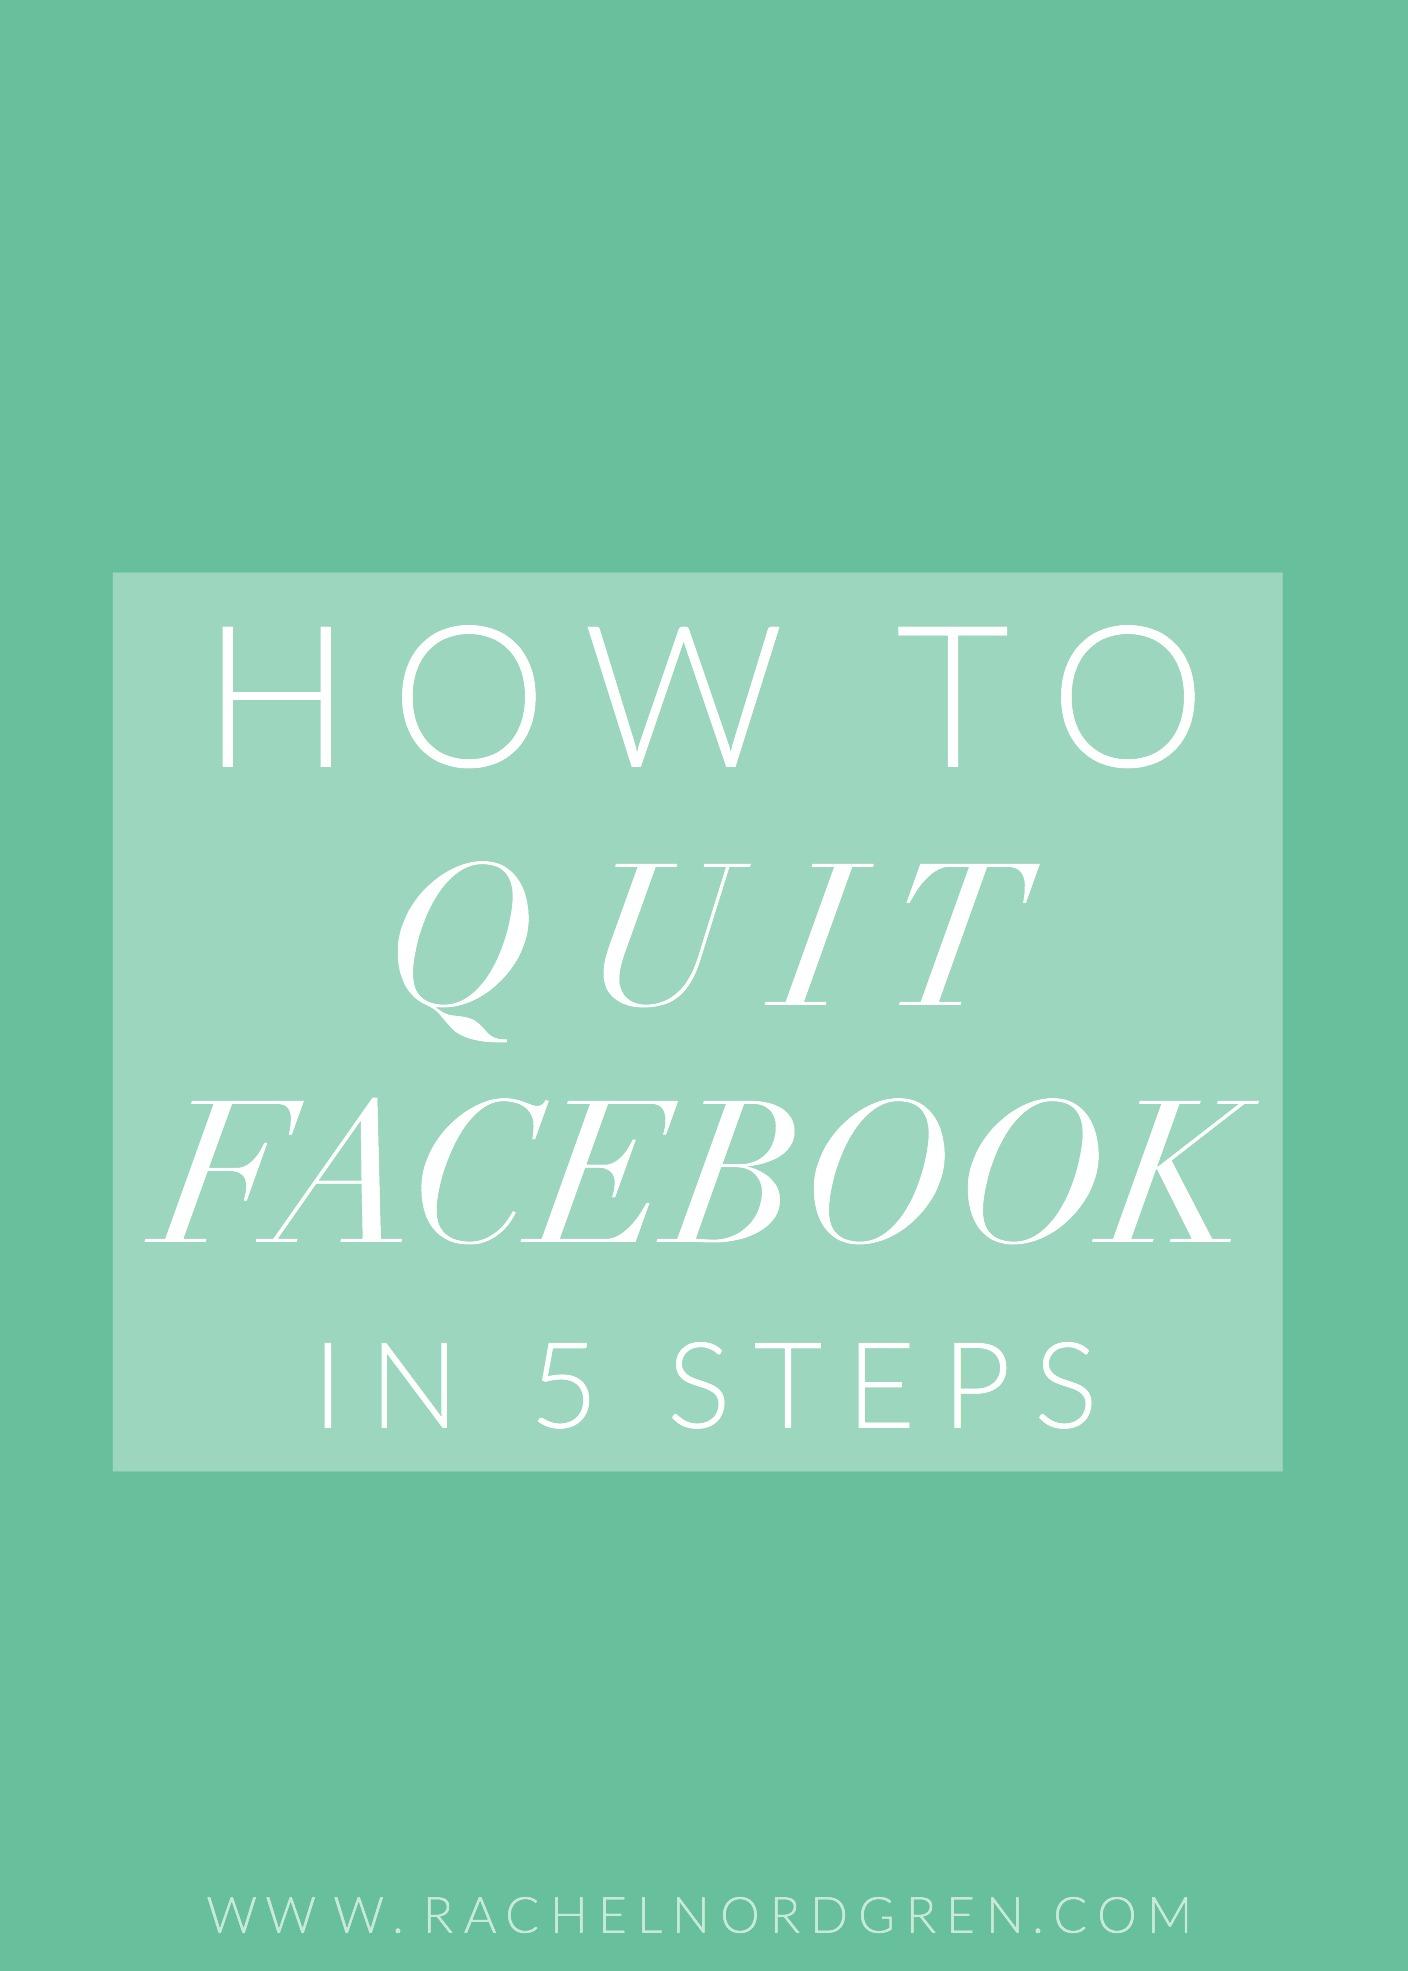 How to Quit Facebook in 5 Steps | Rachel Nordgren